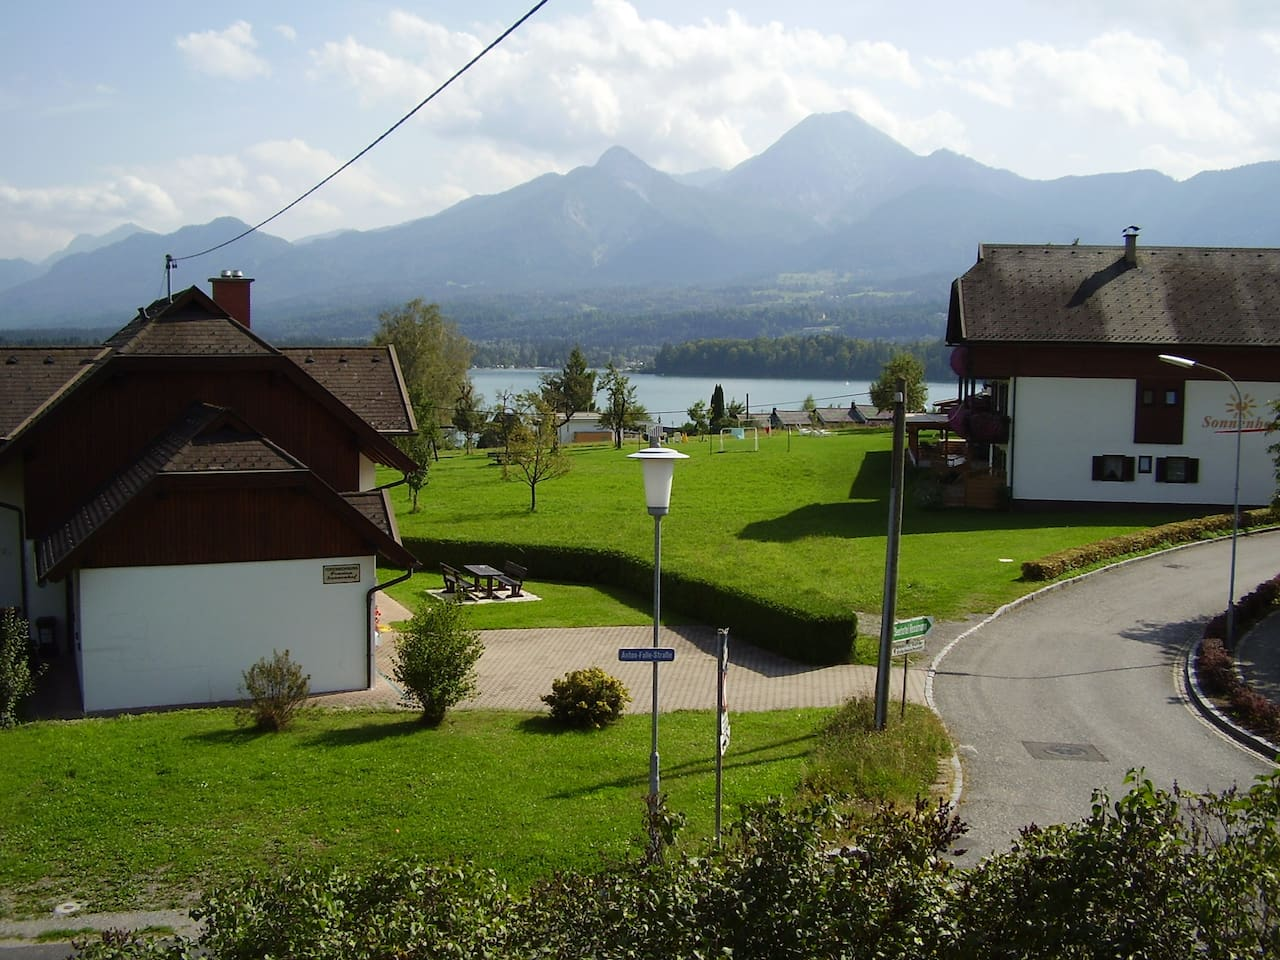 Ausblick vom Haus zum See und Berge